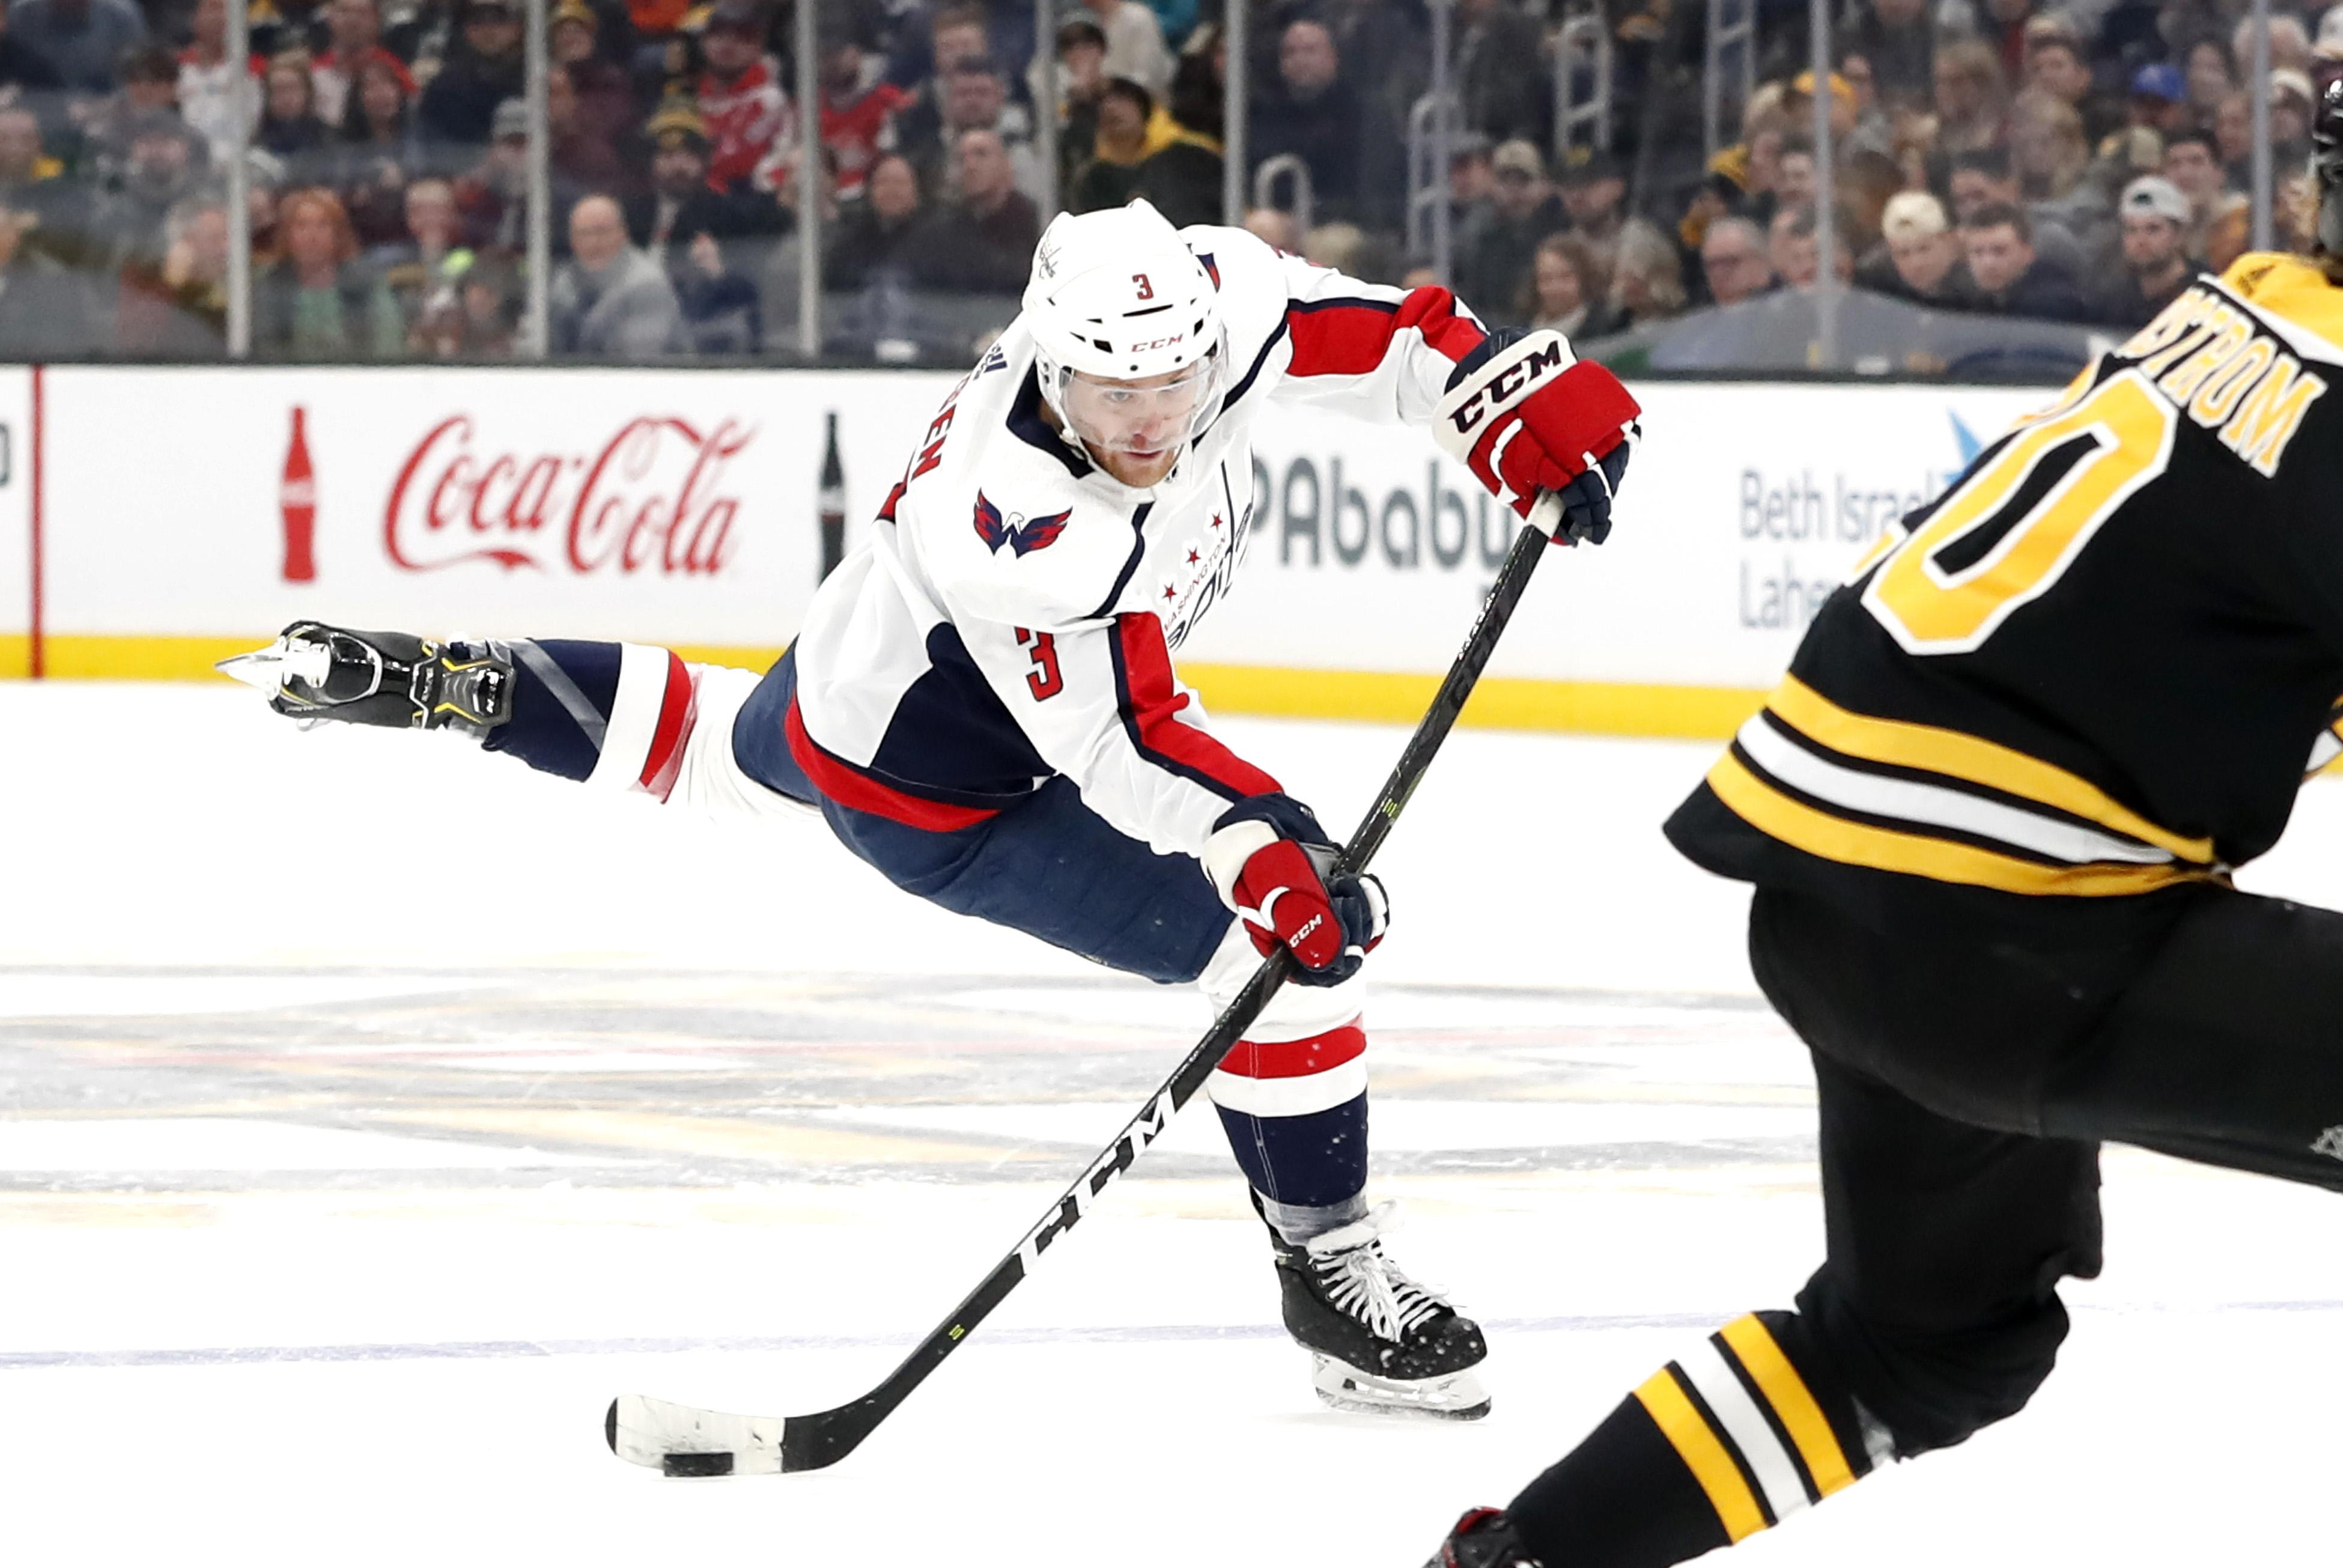 NHL: DEC 23 Capitals at Bruins